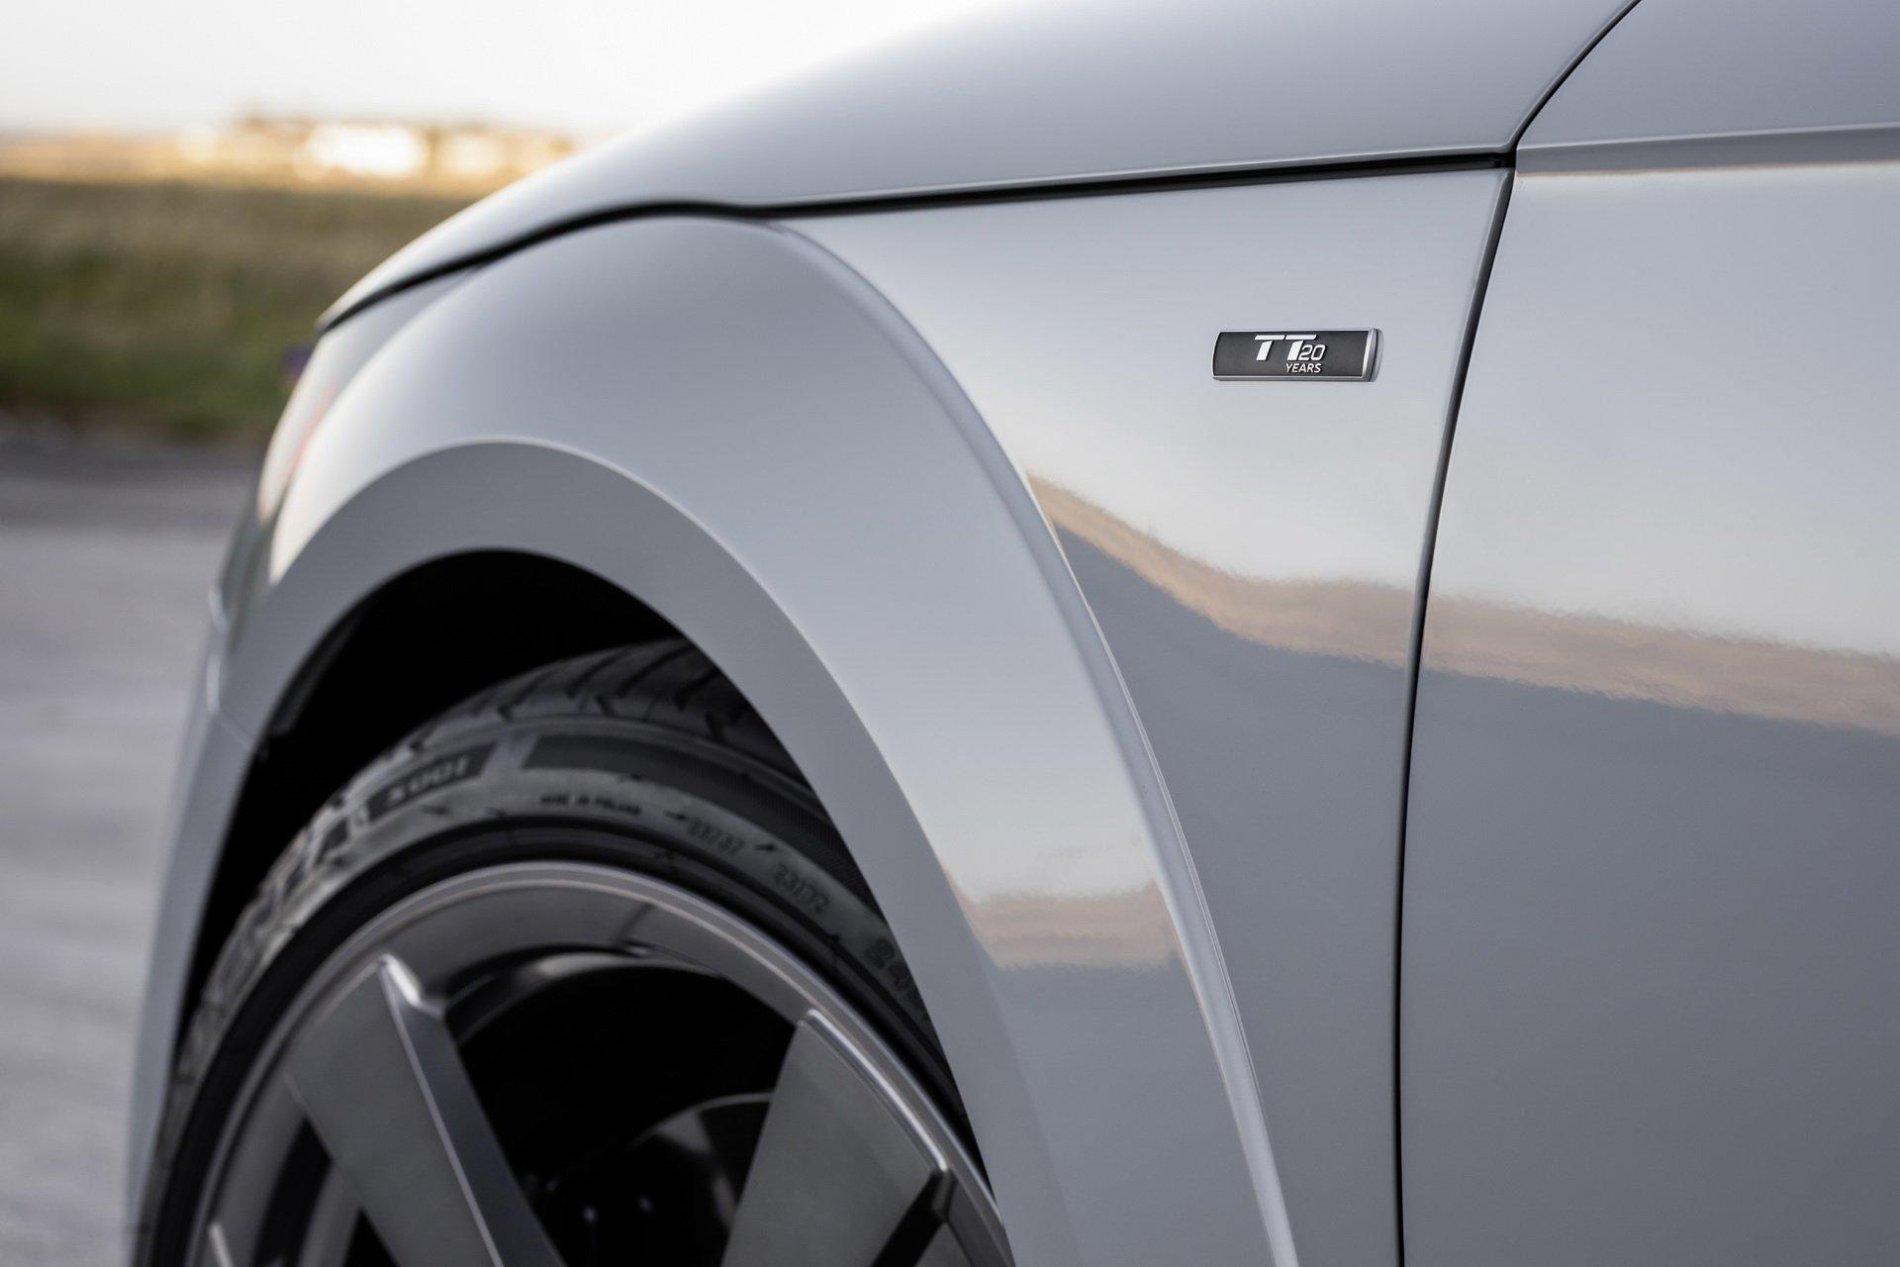 2019 Audi TT facelift - 2019 Audi TT facelift